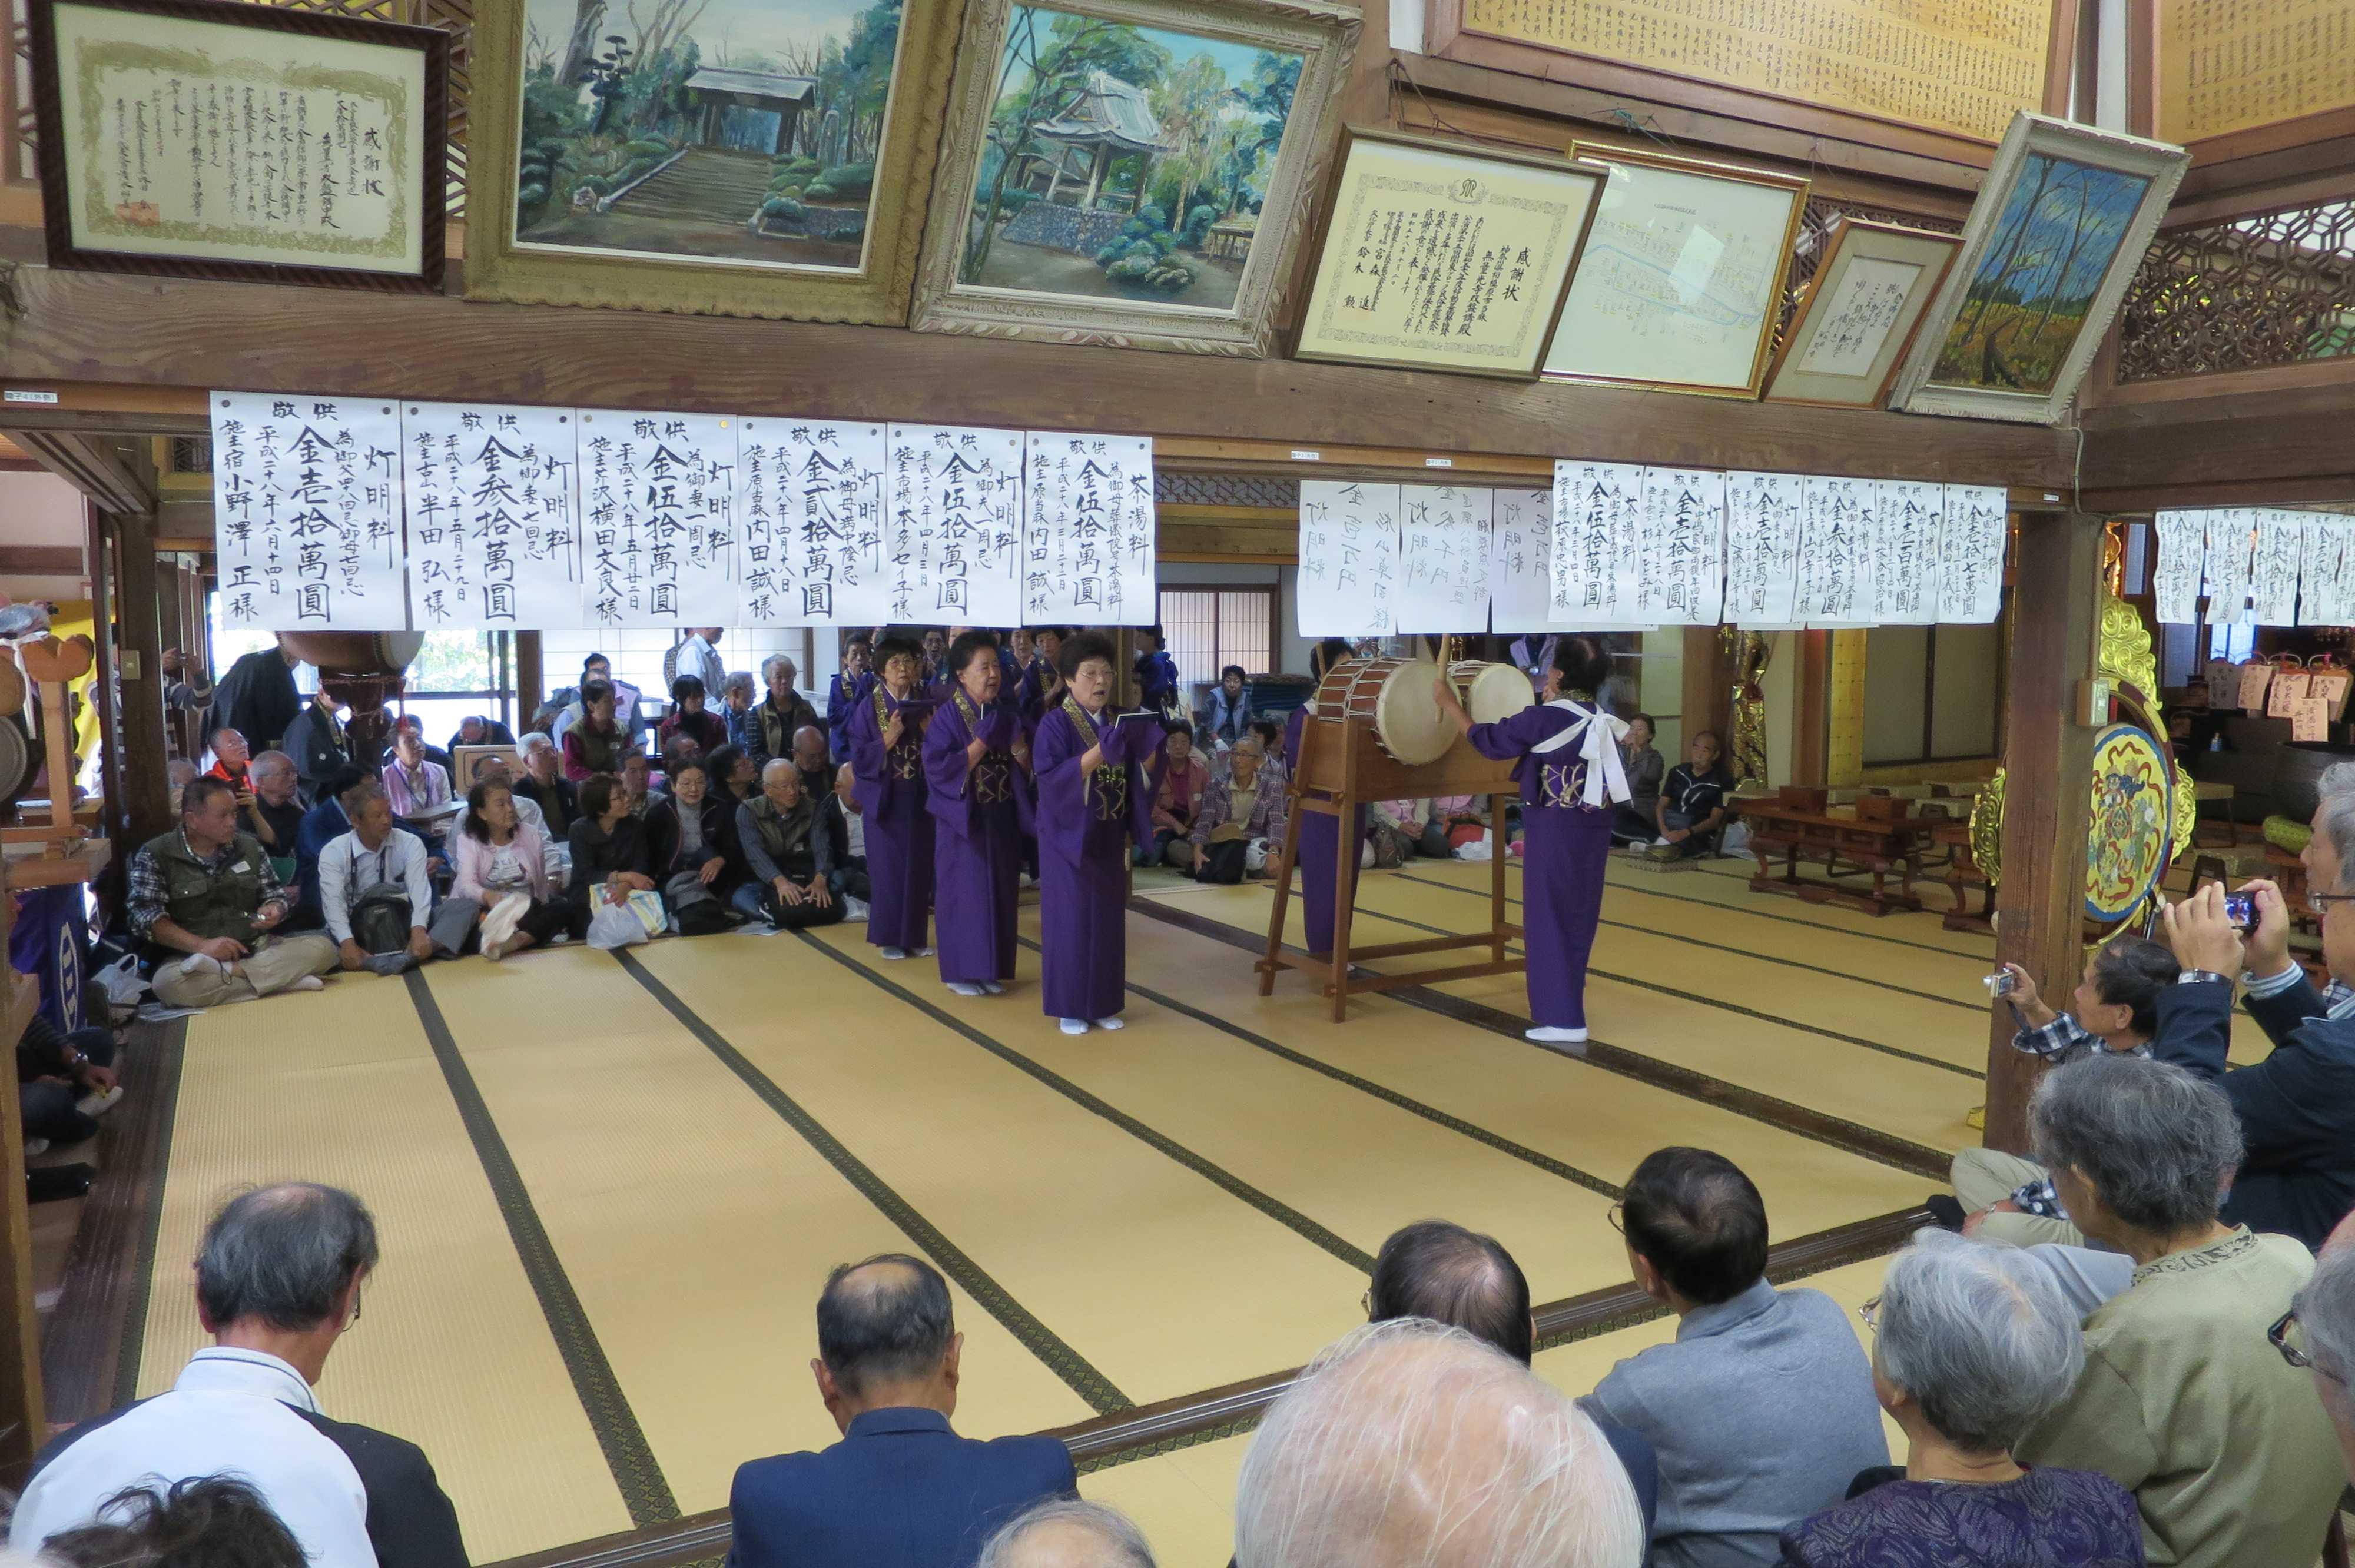 無量光寺の踊り念仏 - 紫色の衣裳を着たお母さん(踊り手)たち